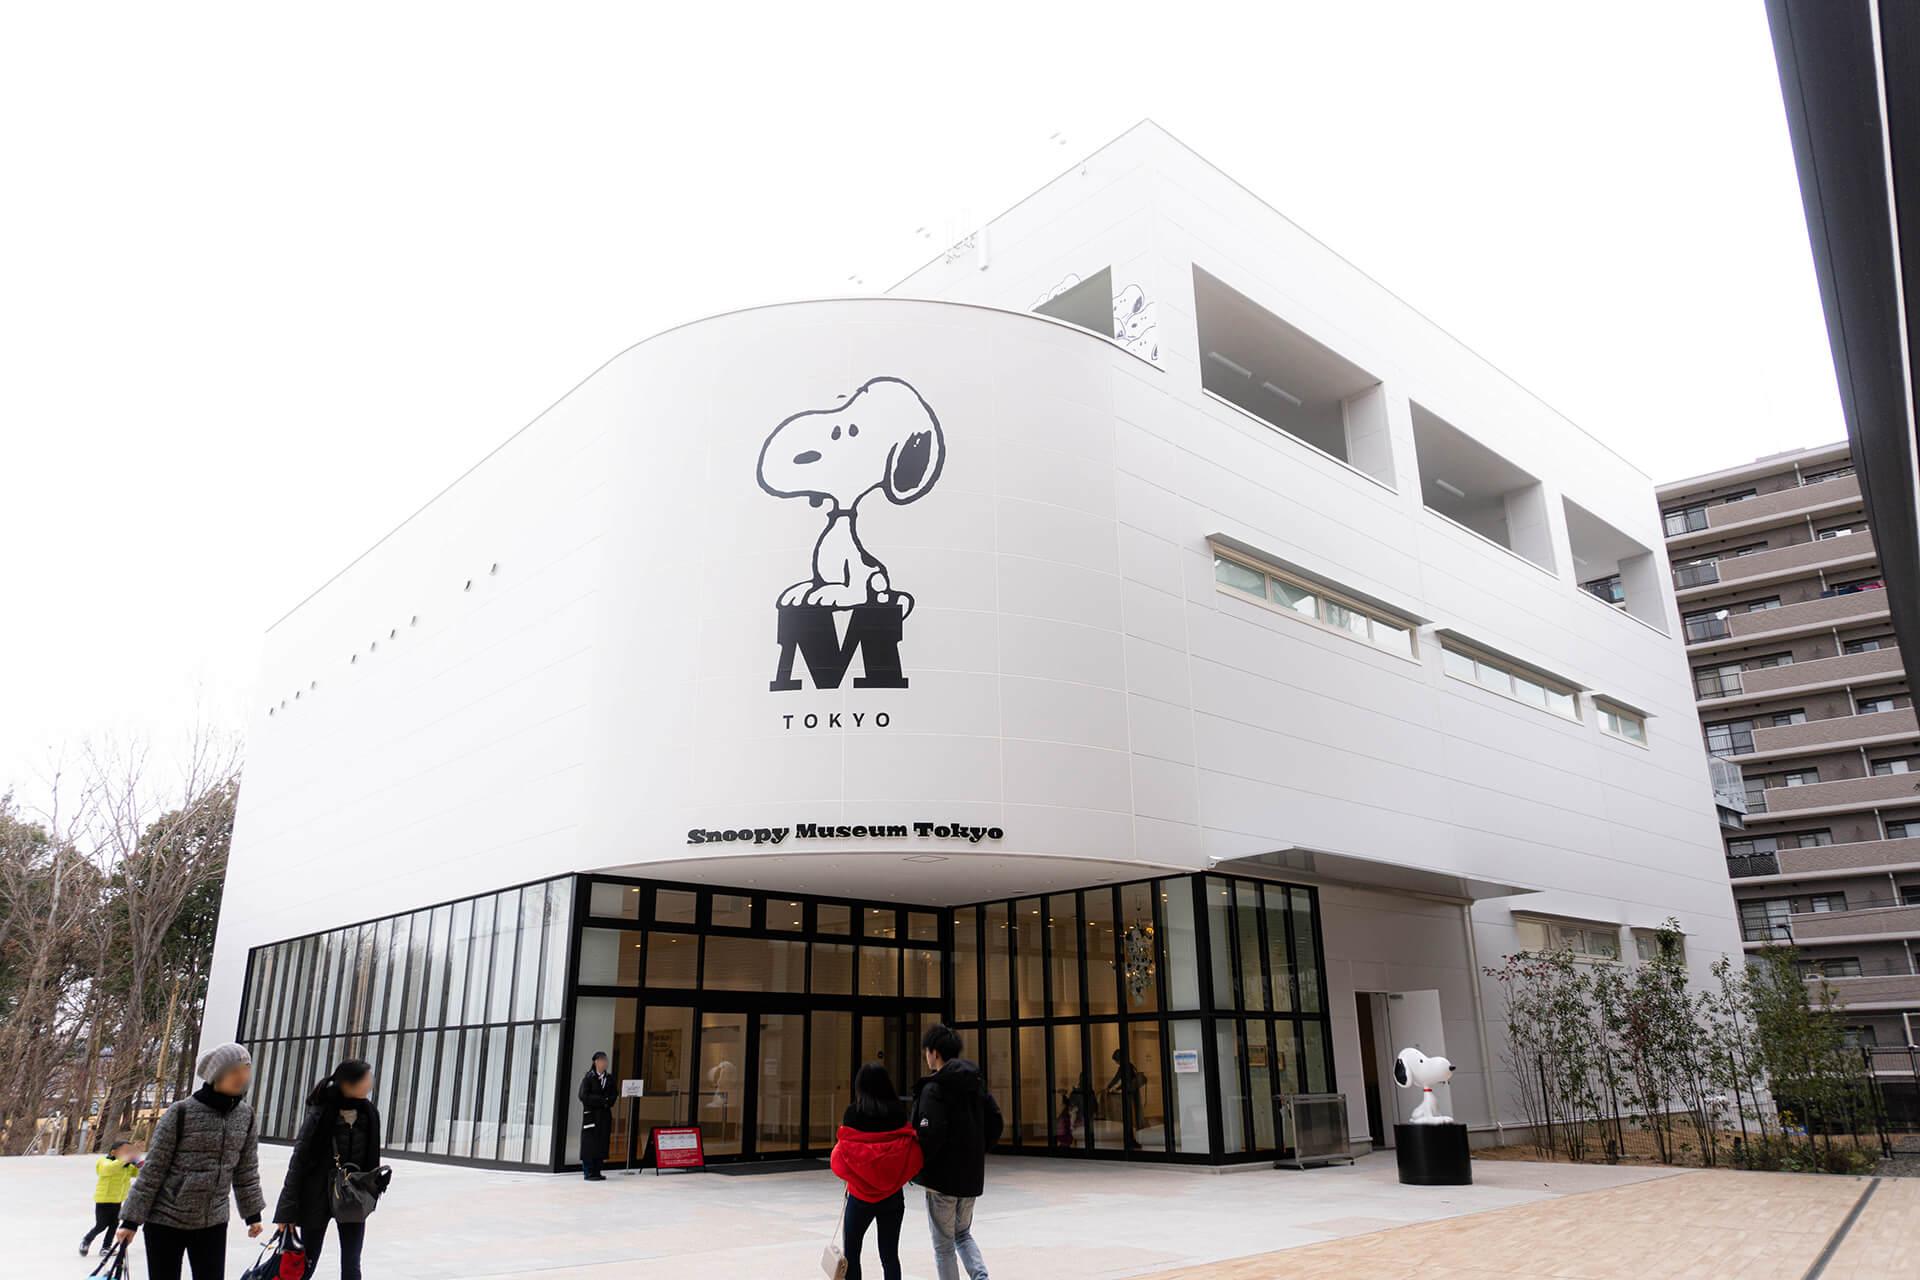 スヌーピーミュージアム東京・外観